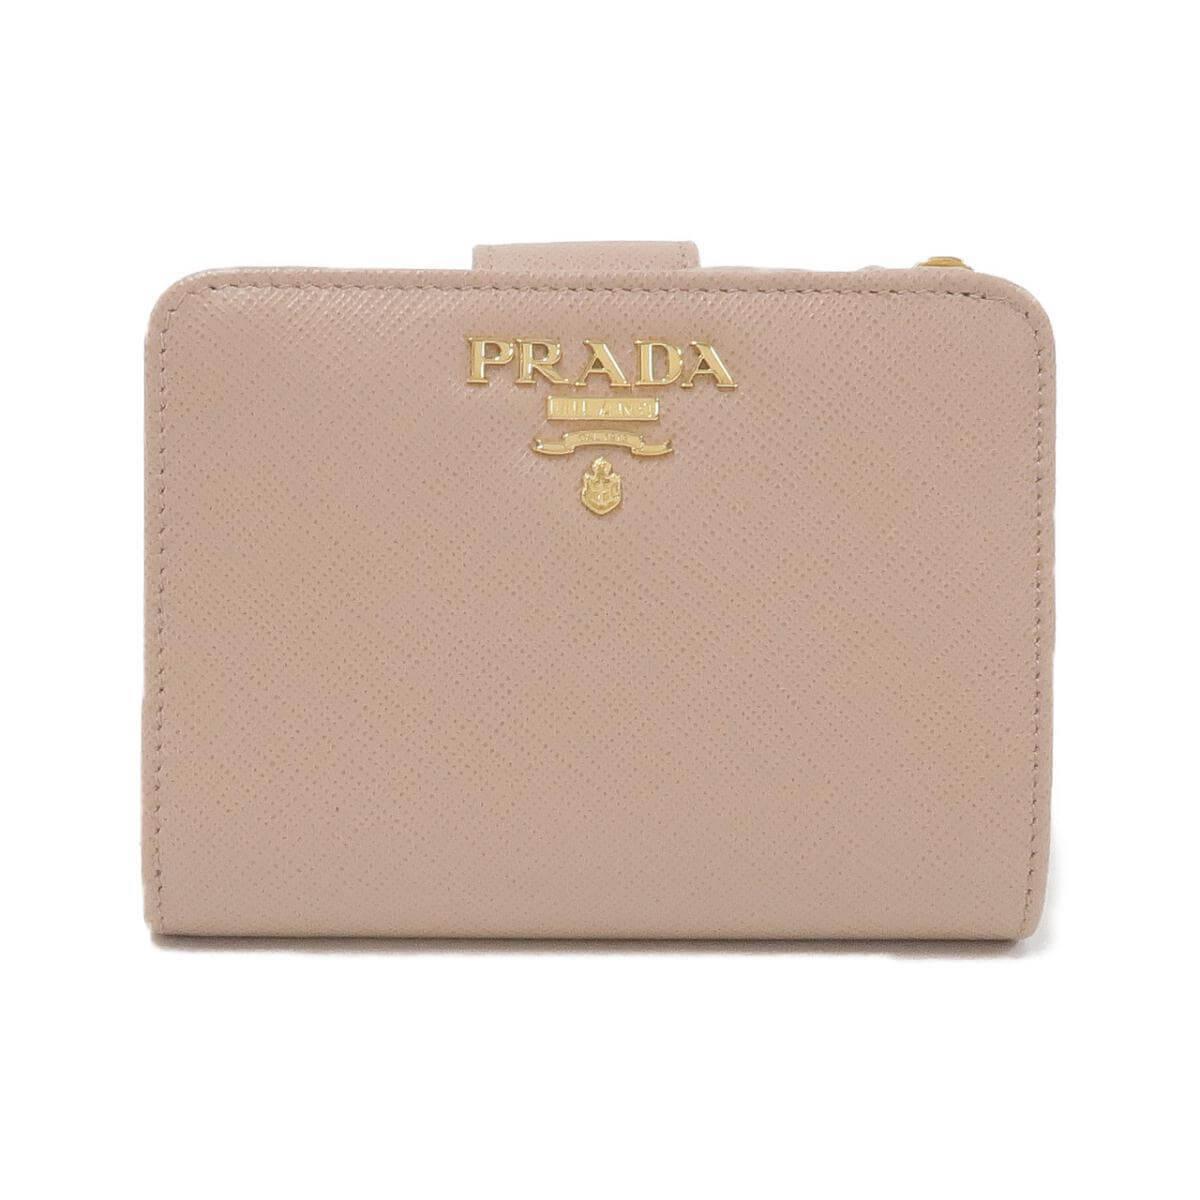 プラダのミニ財布